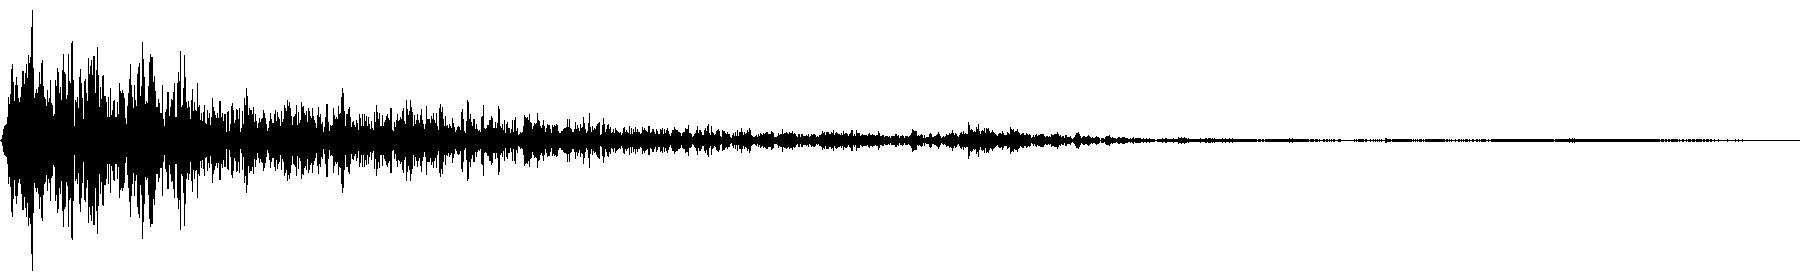 bluezone bc0210 tambourine 005